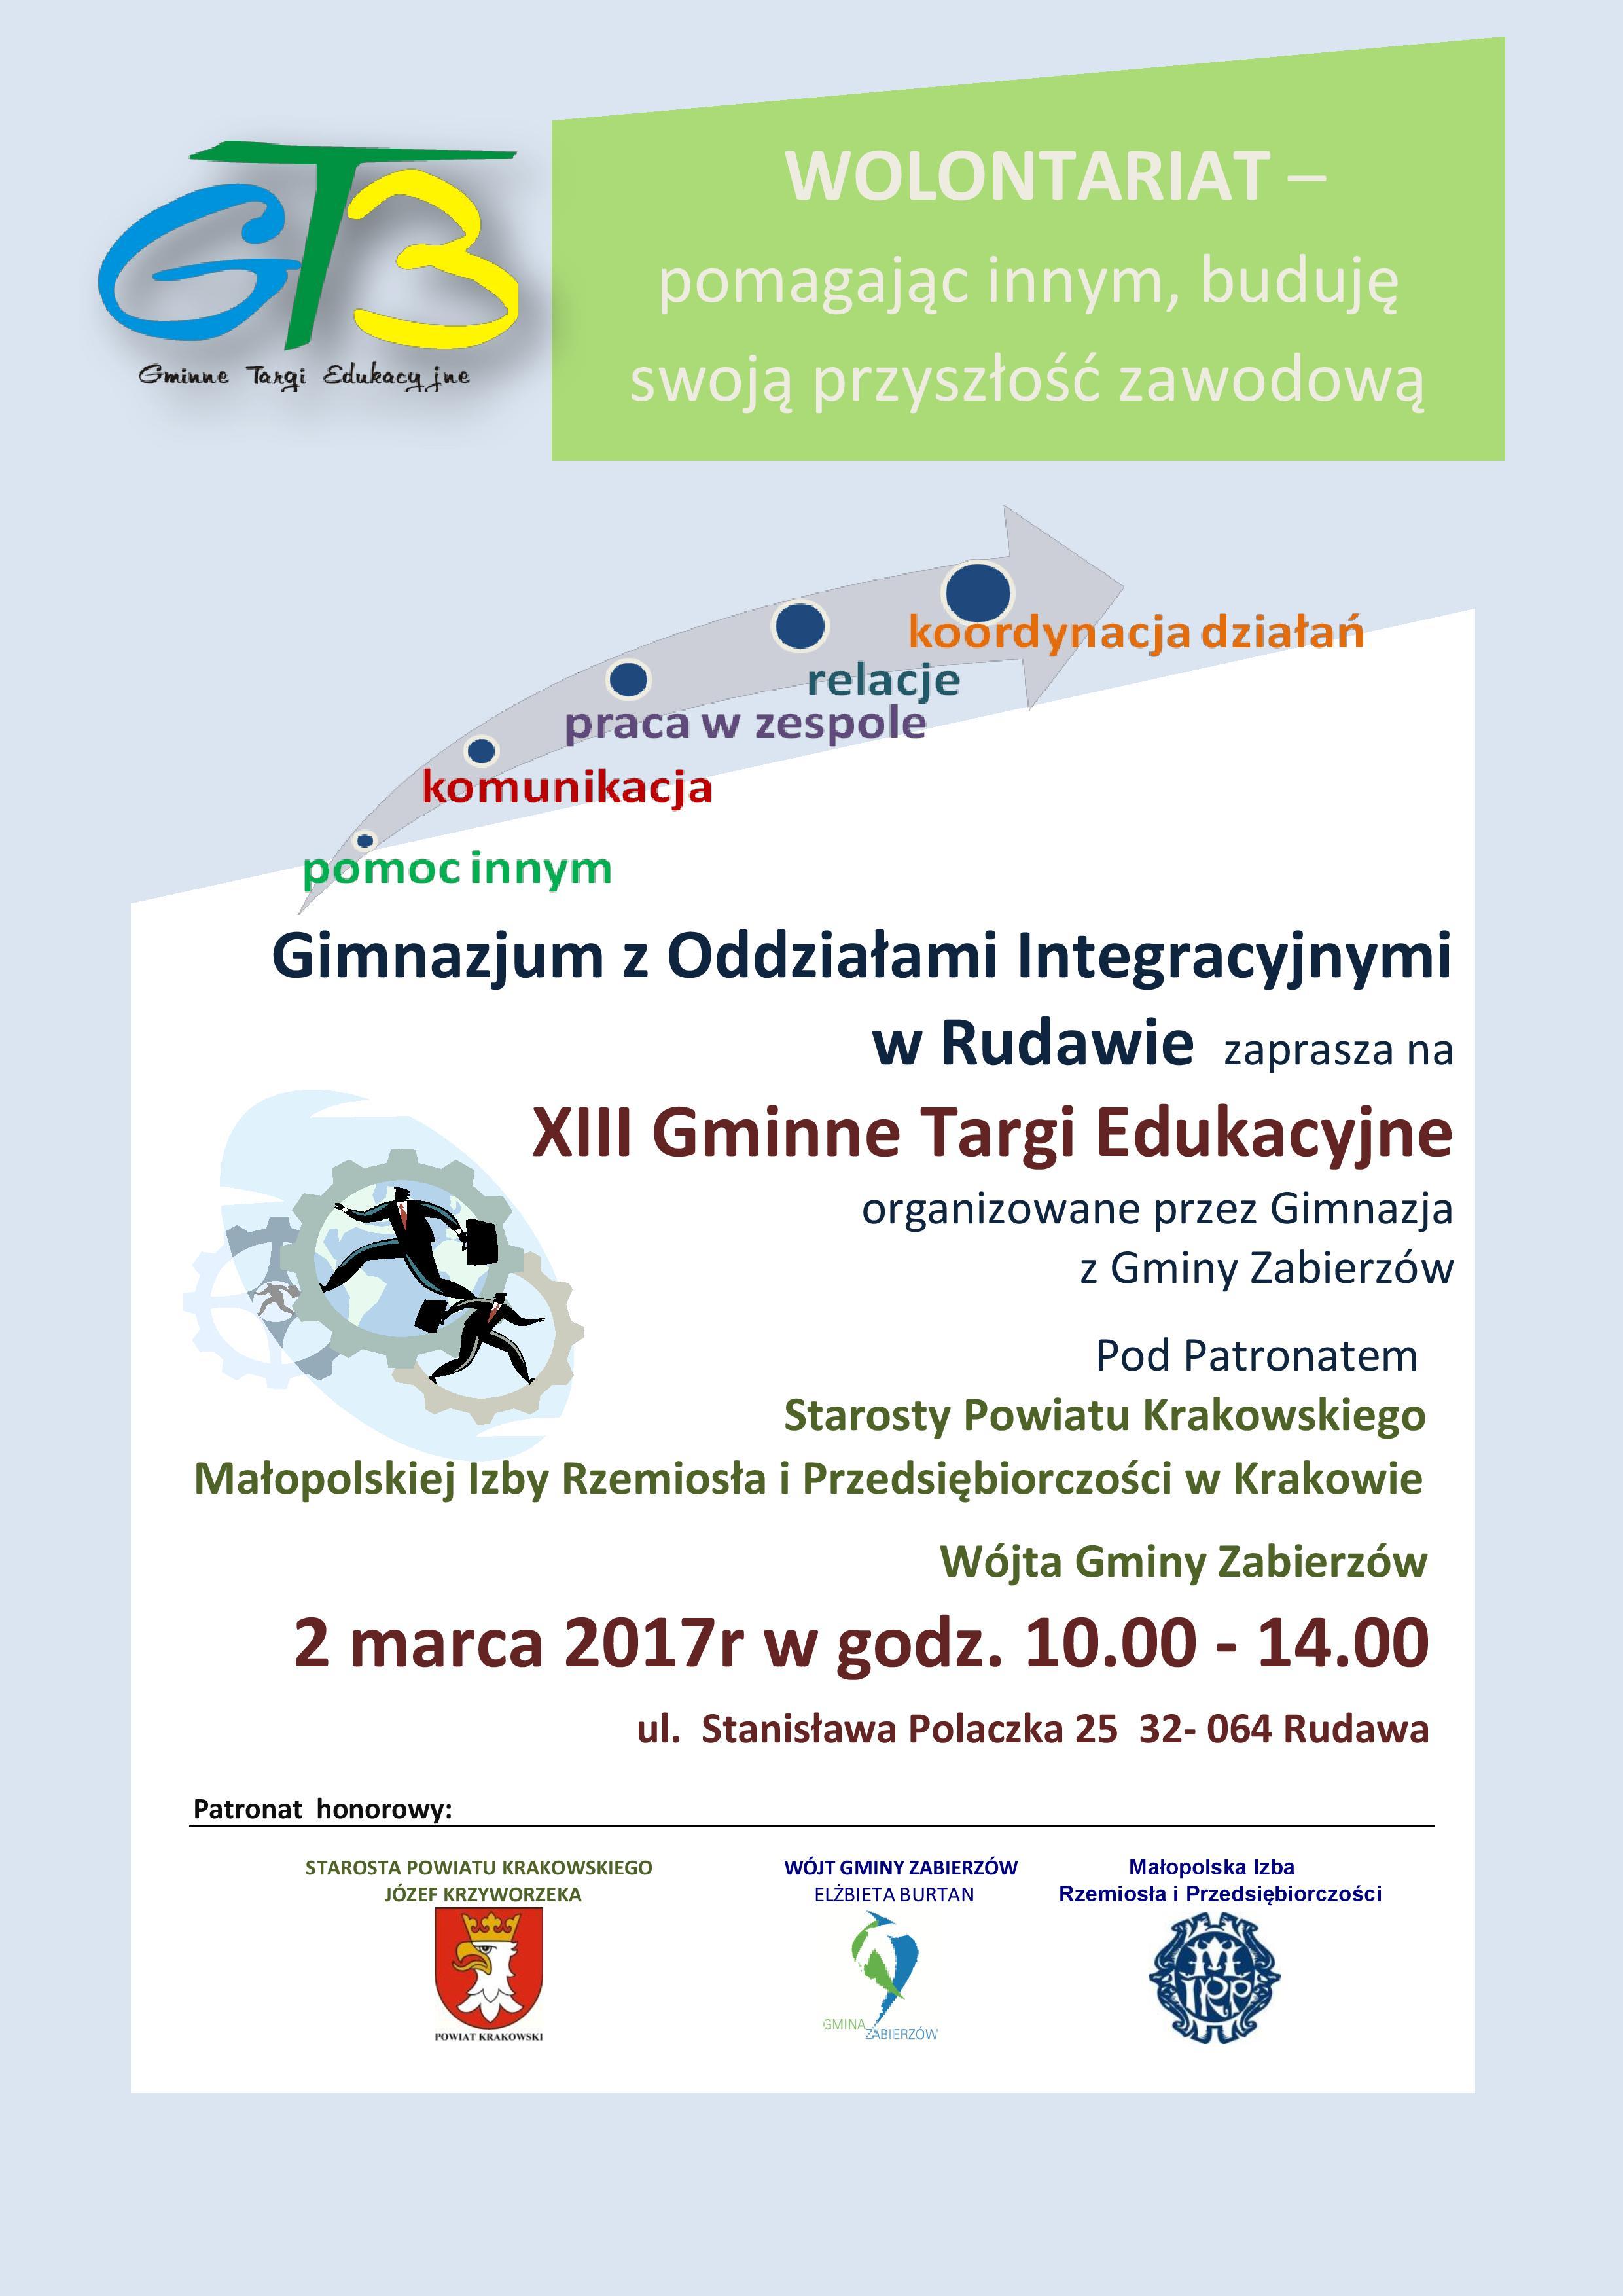 XIII Gminne Targi Edukacyjne @ Rudawa | małopolskie | Polska